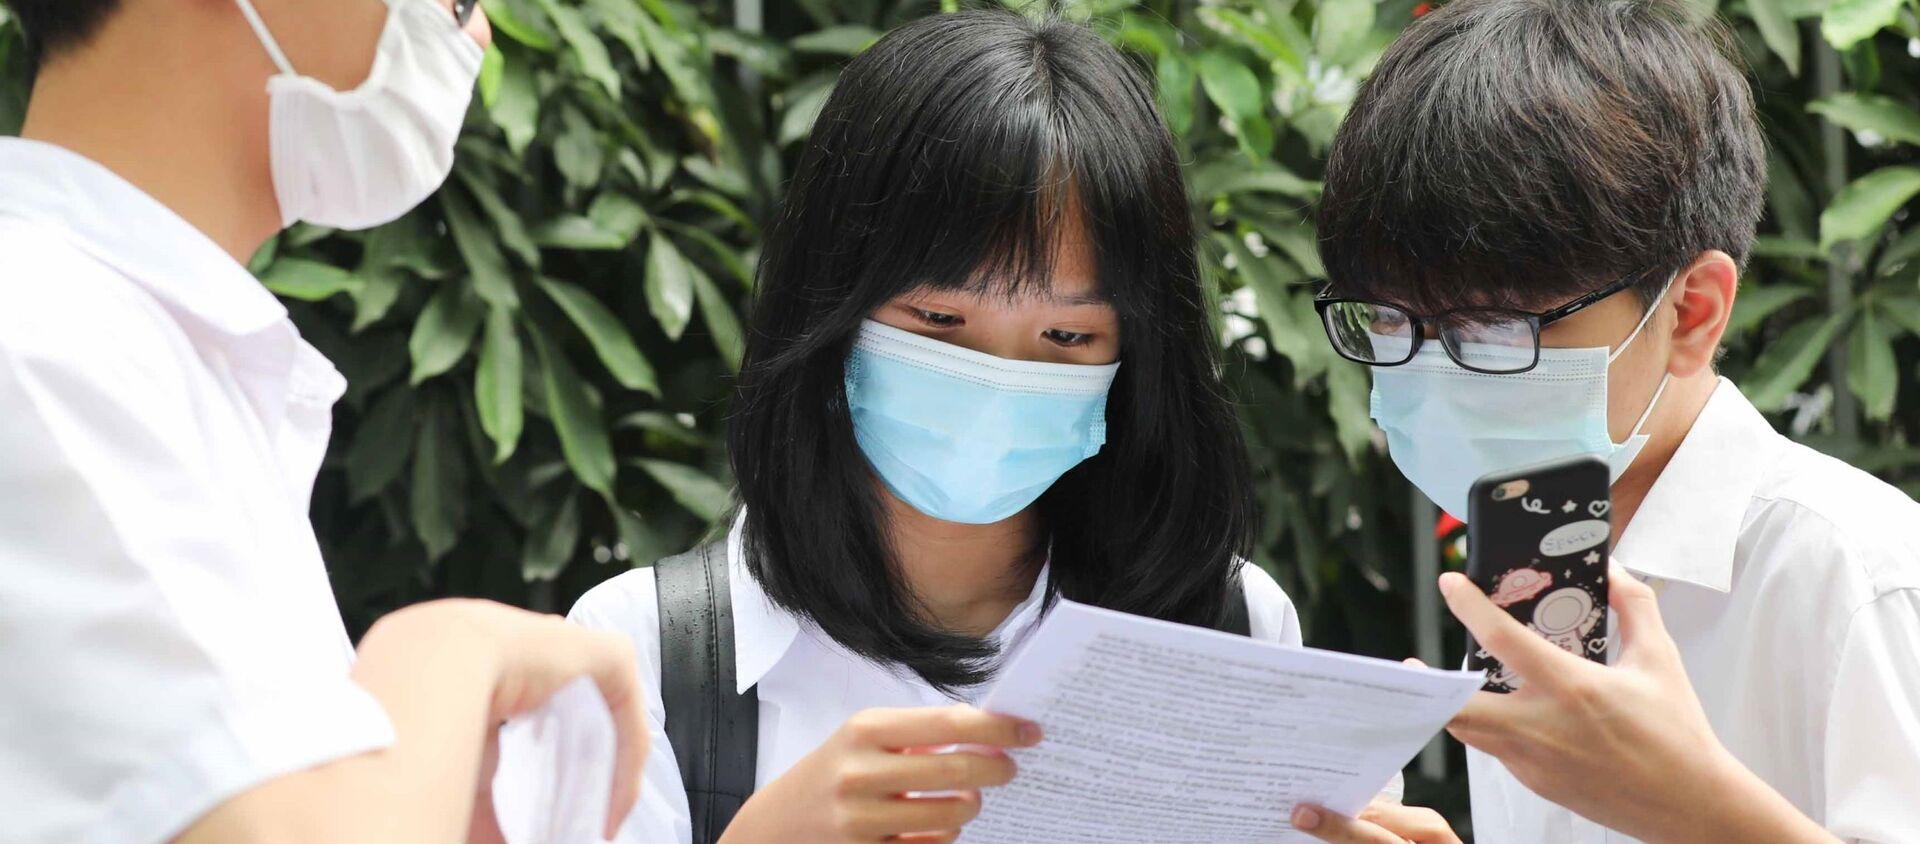 Hà Nội: Thí sinh hoàn thành ngày thi đầu tiên kỳ thi tuyển sinh lớp 10 THPT công lập năm học 2021-2022 - Sputnik Việt Nam, 1920, 12.06.2021